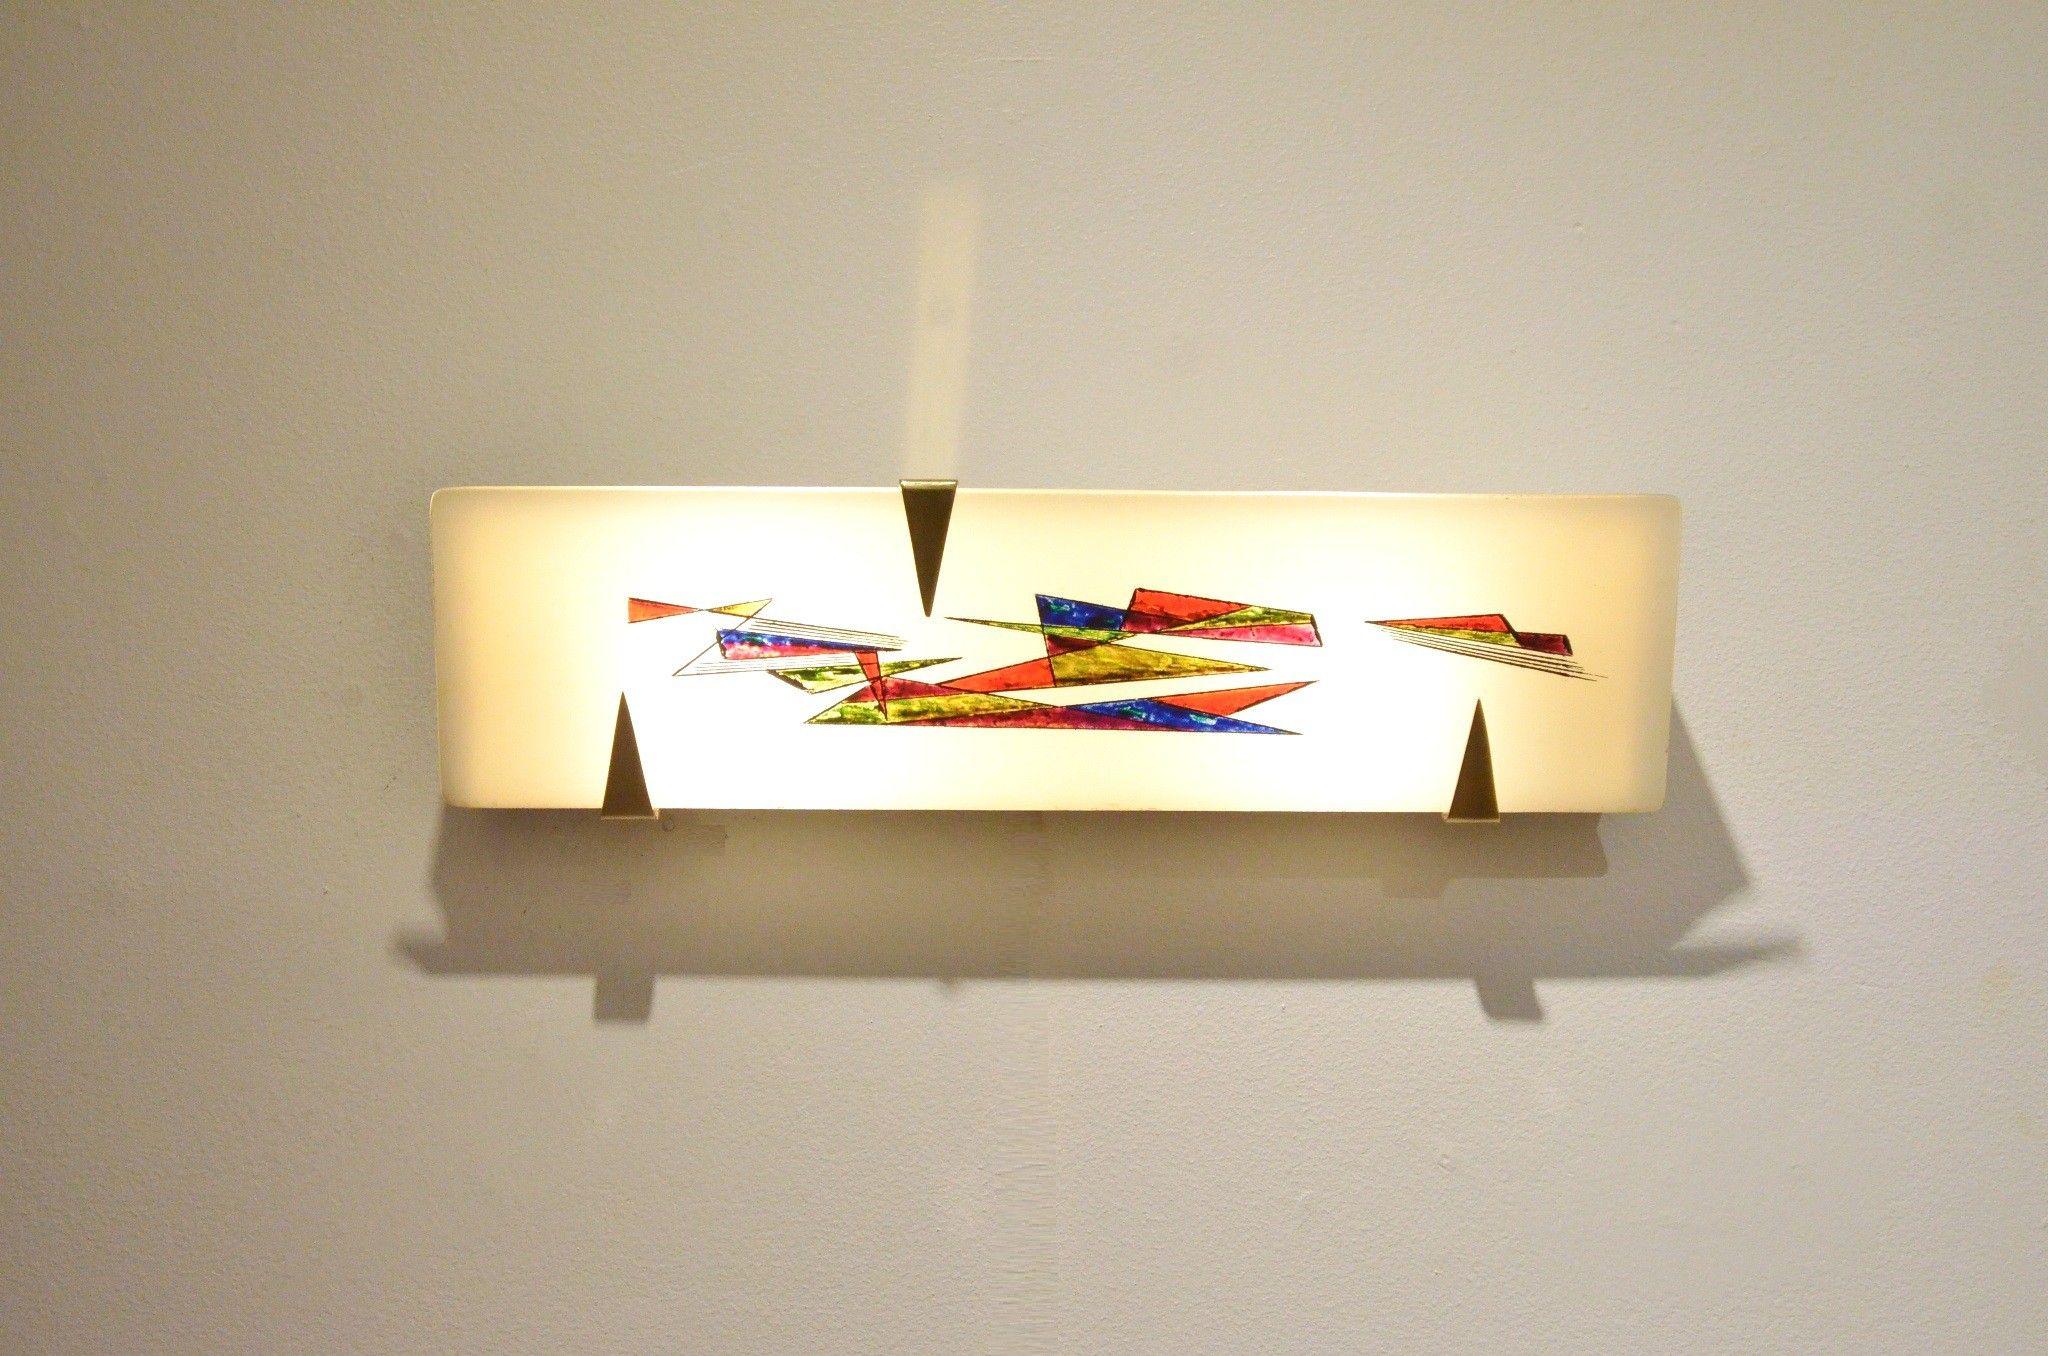 Applique moderniste verre & peinture à la main geométriques 1950s